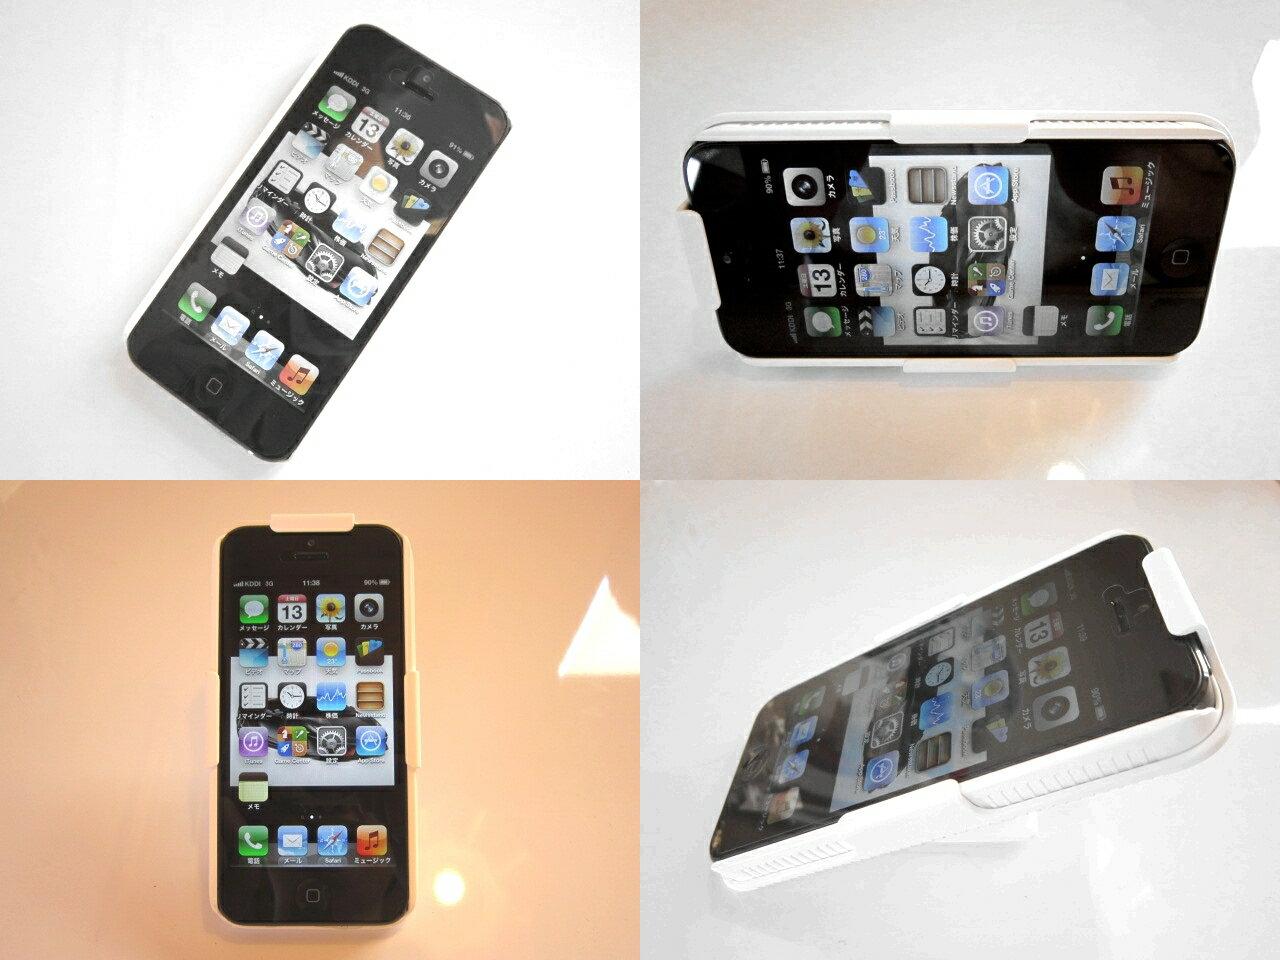 【1円】【iPhone5 カバー】【お一人様1個まで】【ホワイト/ケース】【高級感】iPhone 5 カバー ケース お洒落 ハードタイプ 保護カバー 軽量 高級感 縦置き 横置き【1円】【衝撃】